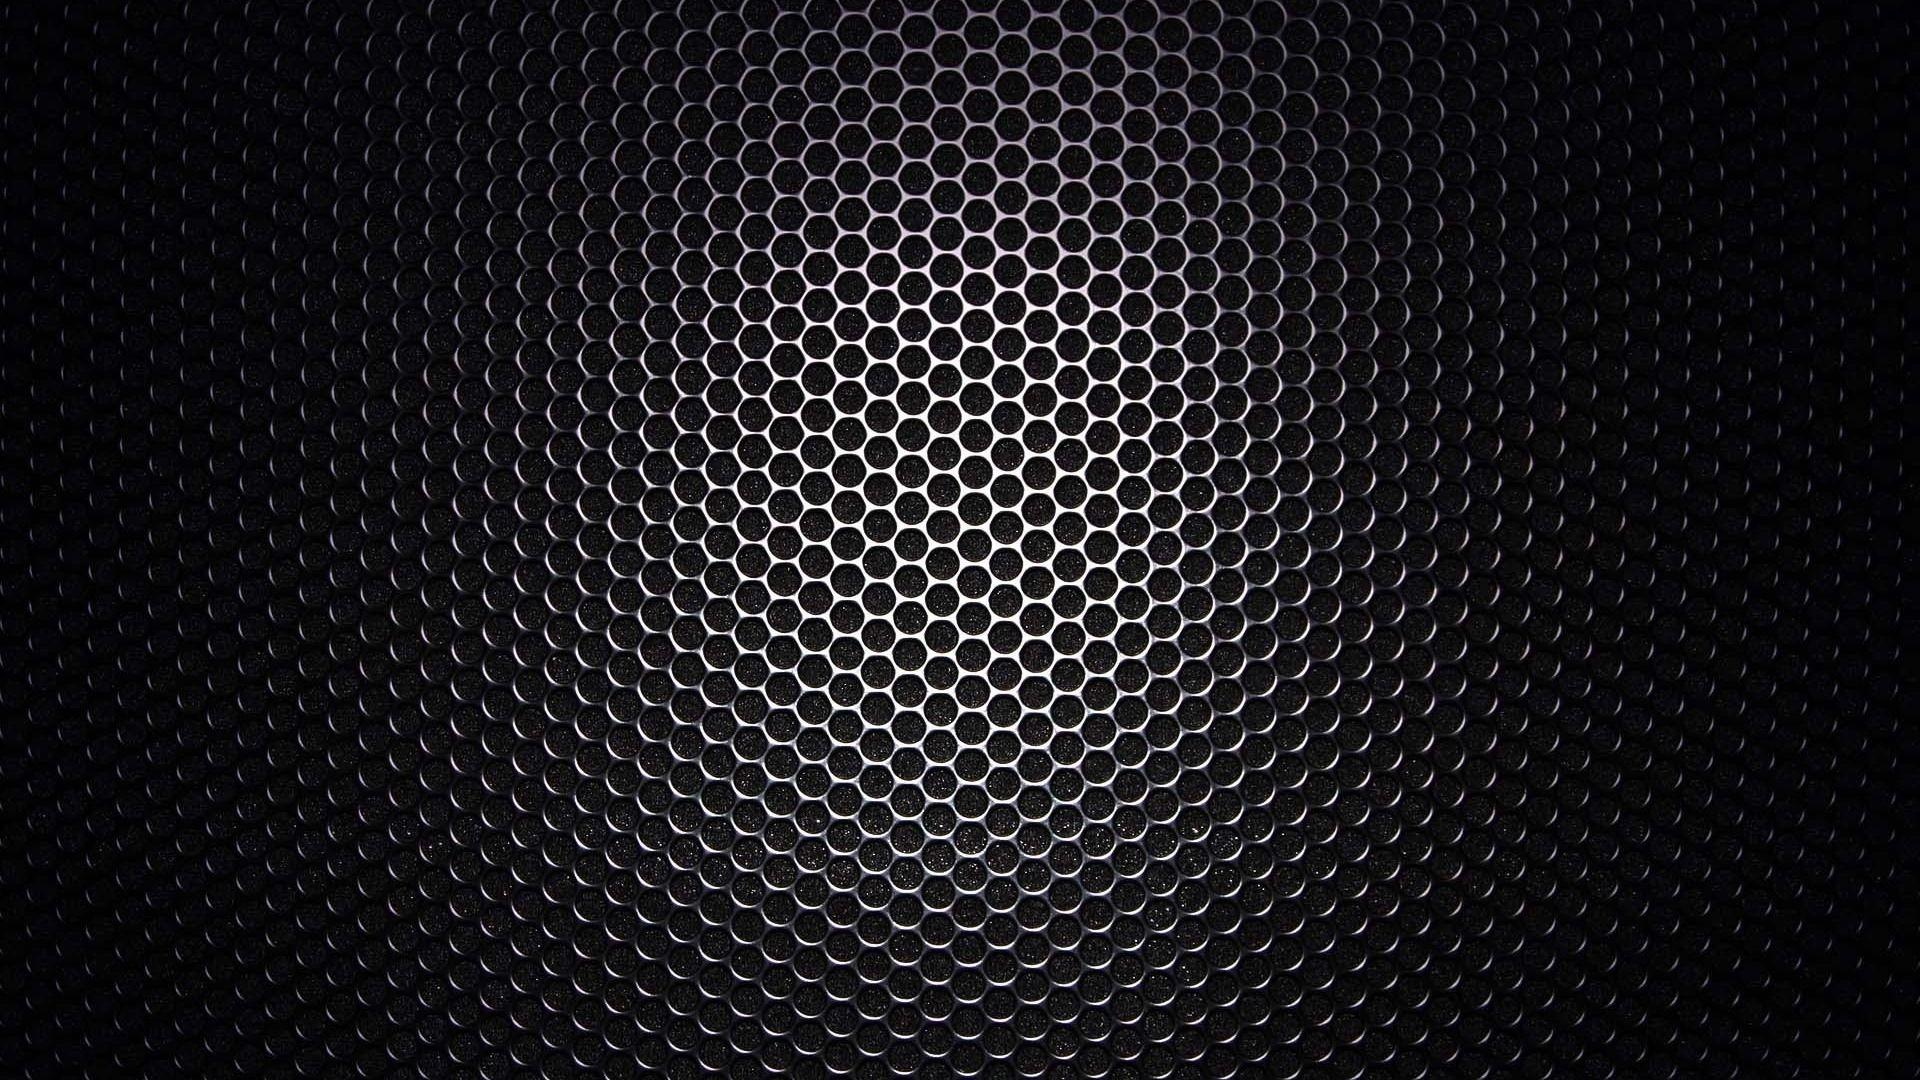 Wallpaper Black Hd On Gambar Desain Wallpaper Iphone